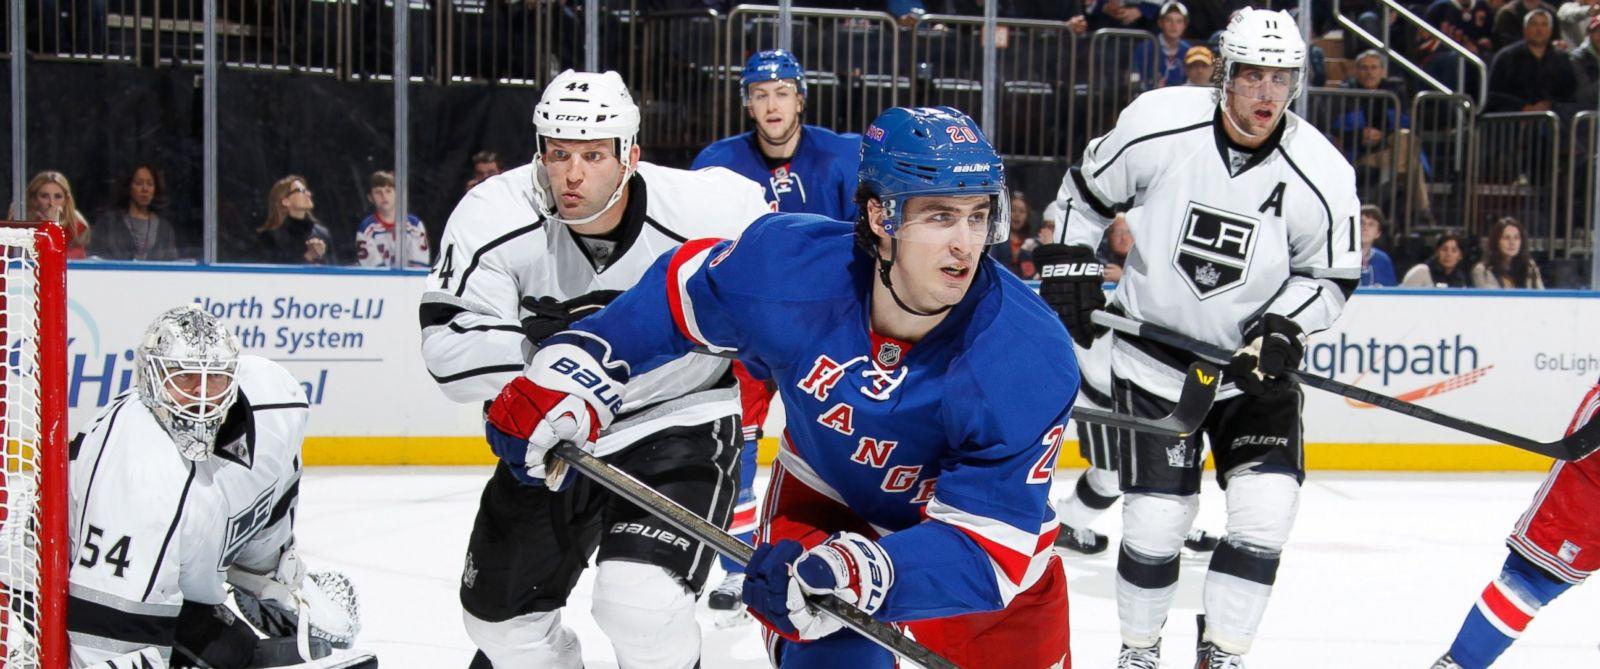 PHOTO: Chris Kreider of the New York Rangers skates against the Los Angeles Kings in New York